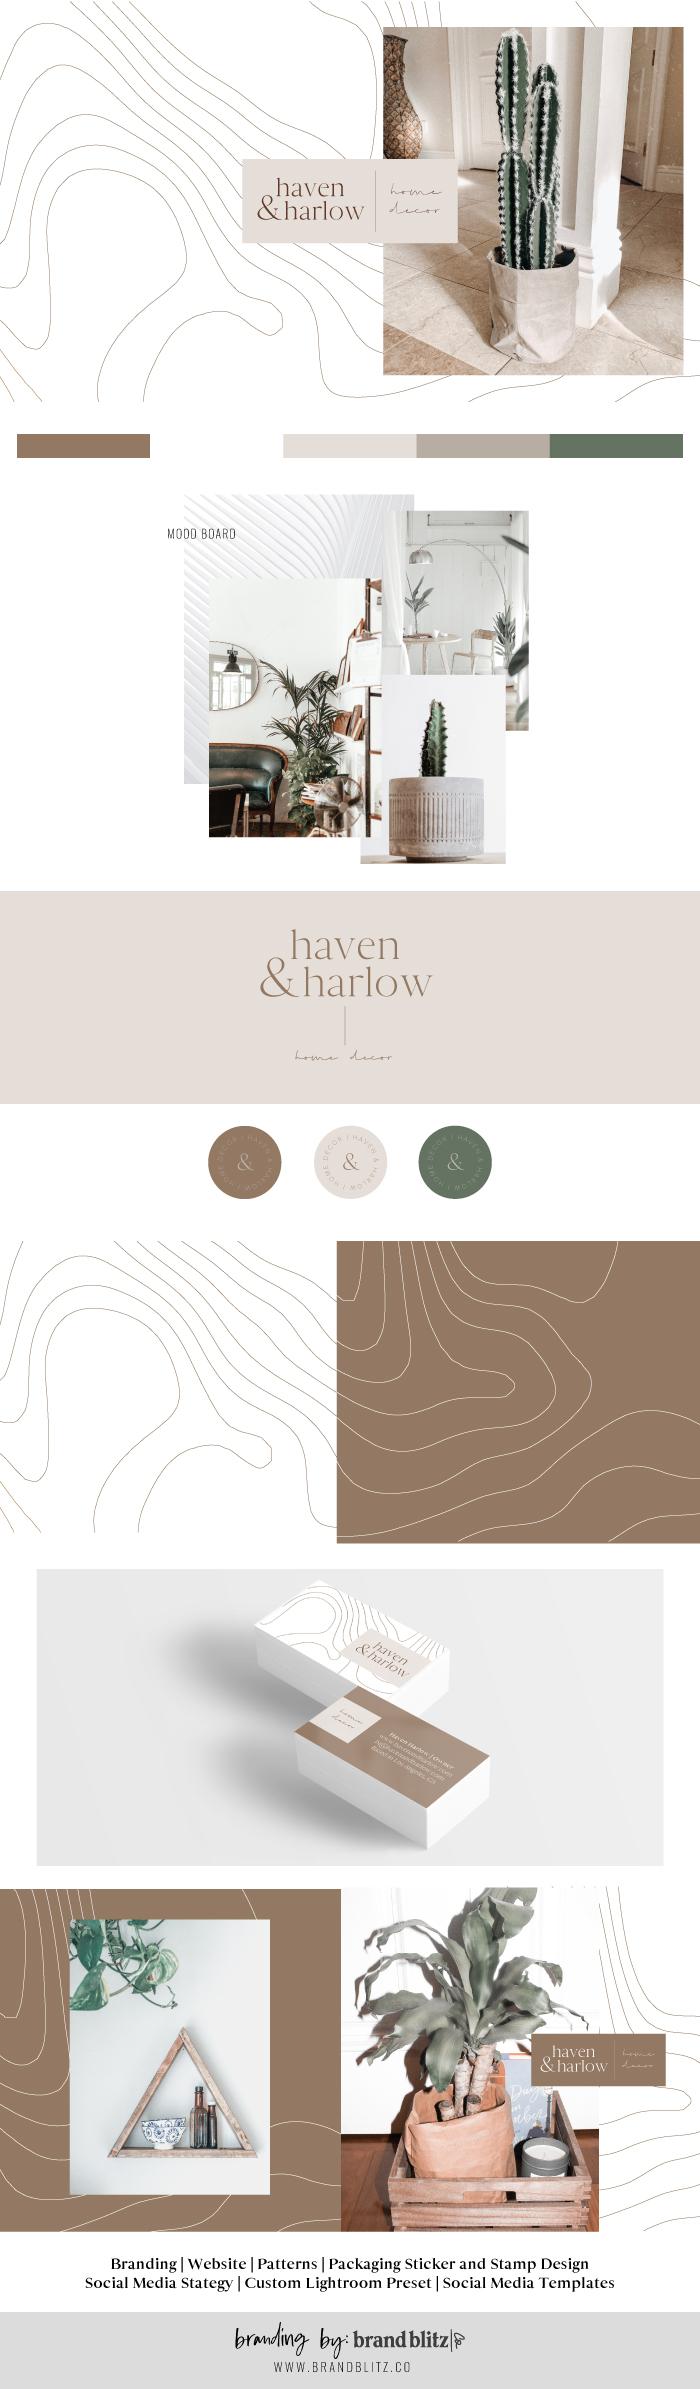 BBCO-Portfolio-HavenandHarlow-Pin.jpg